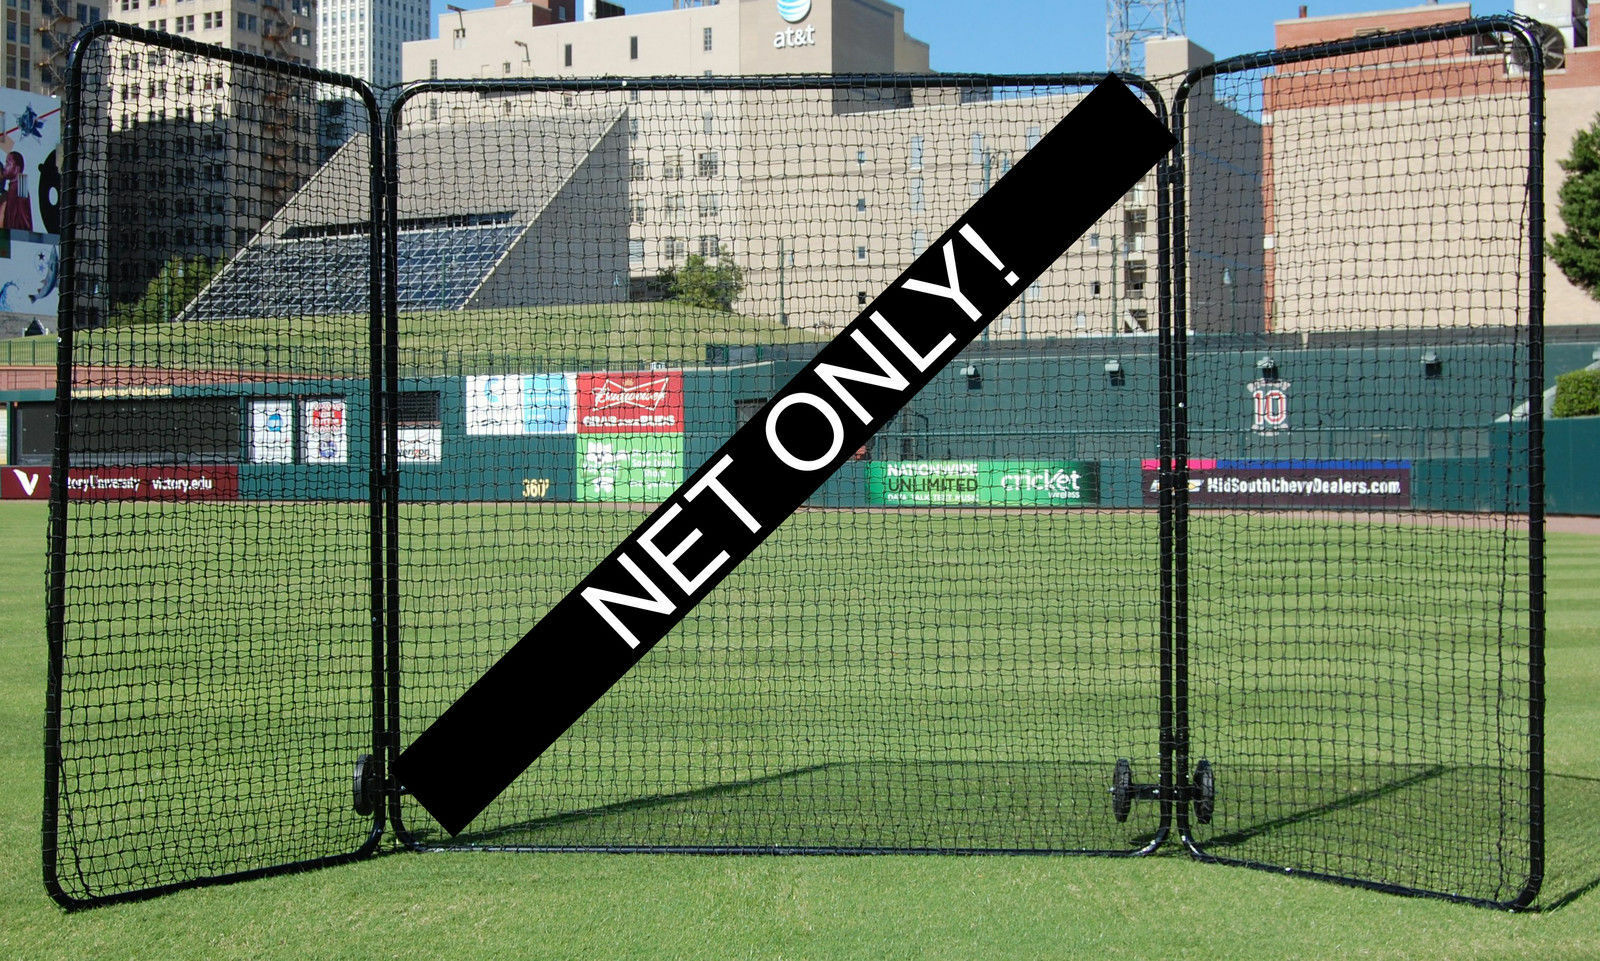 New ProCage™ Tri-fold Screen Replacement Net Net Net - Net Only - 1  8'x8', 2  4'x8' b3d85e